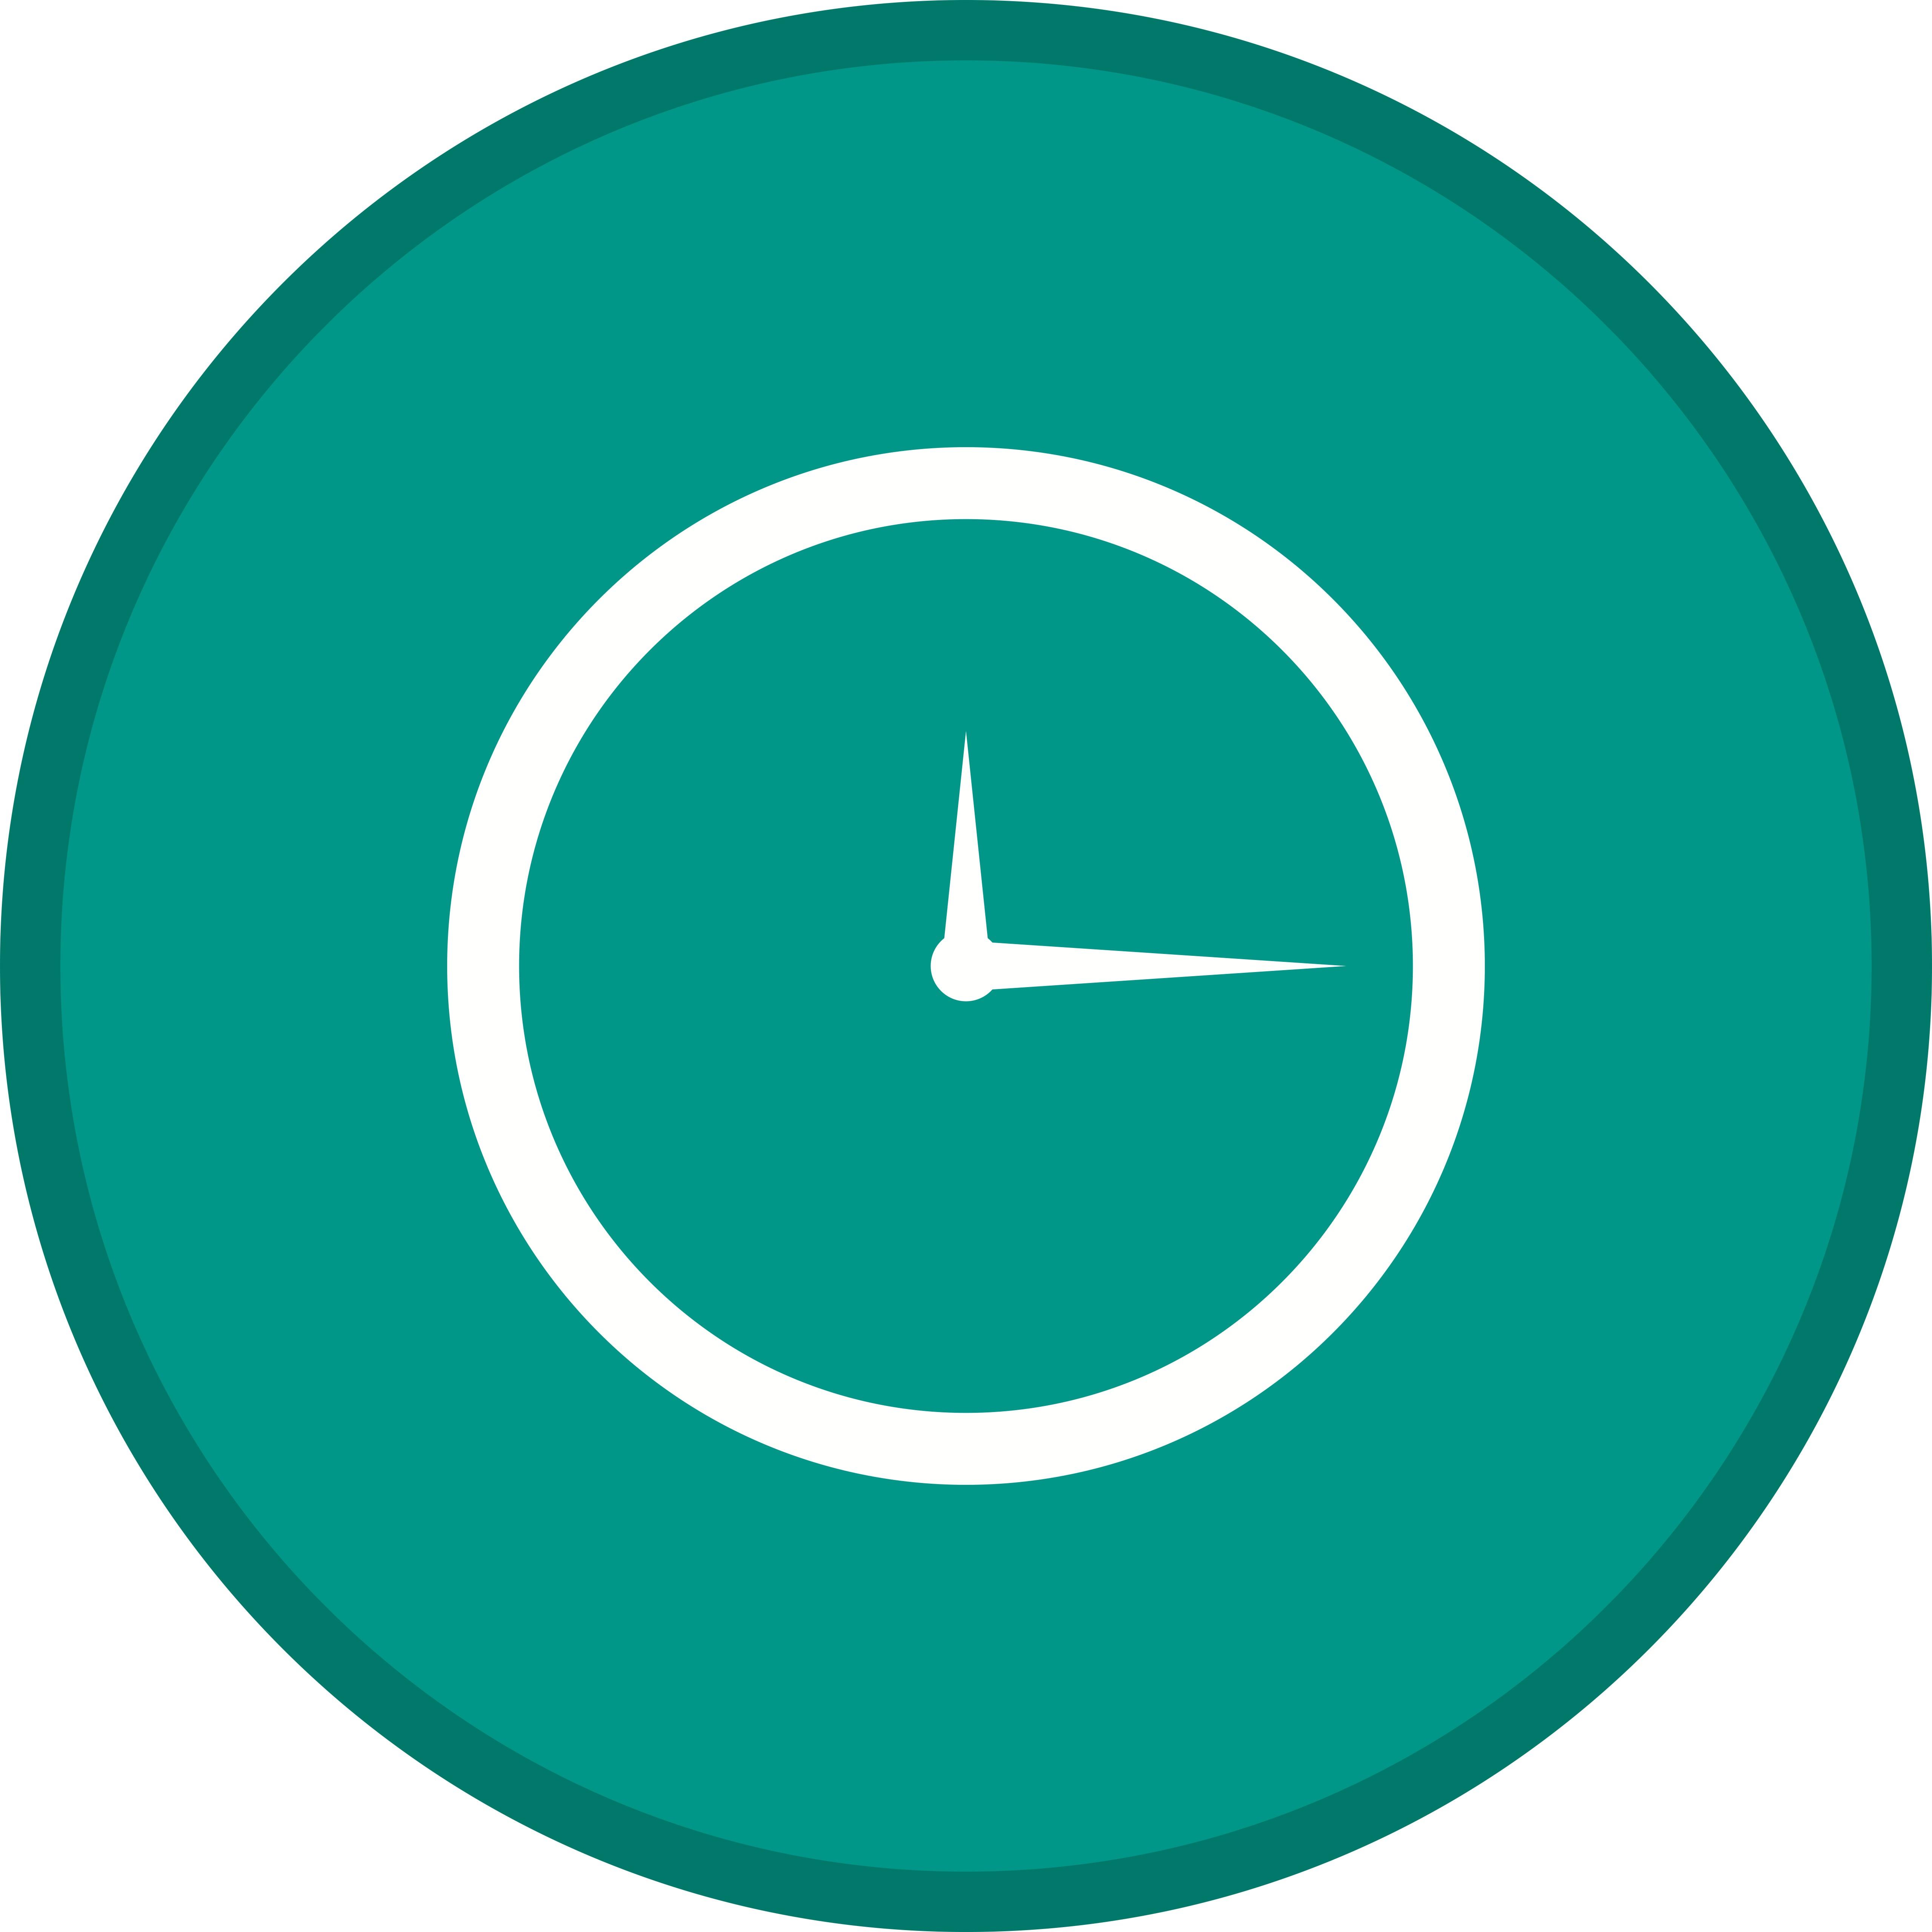 Clock Glyph Multi Color Background Icon